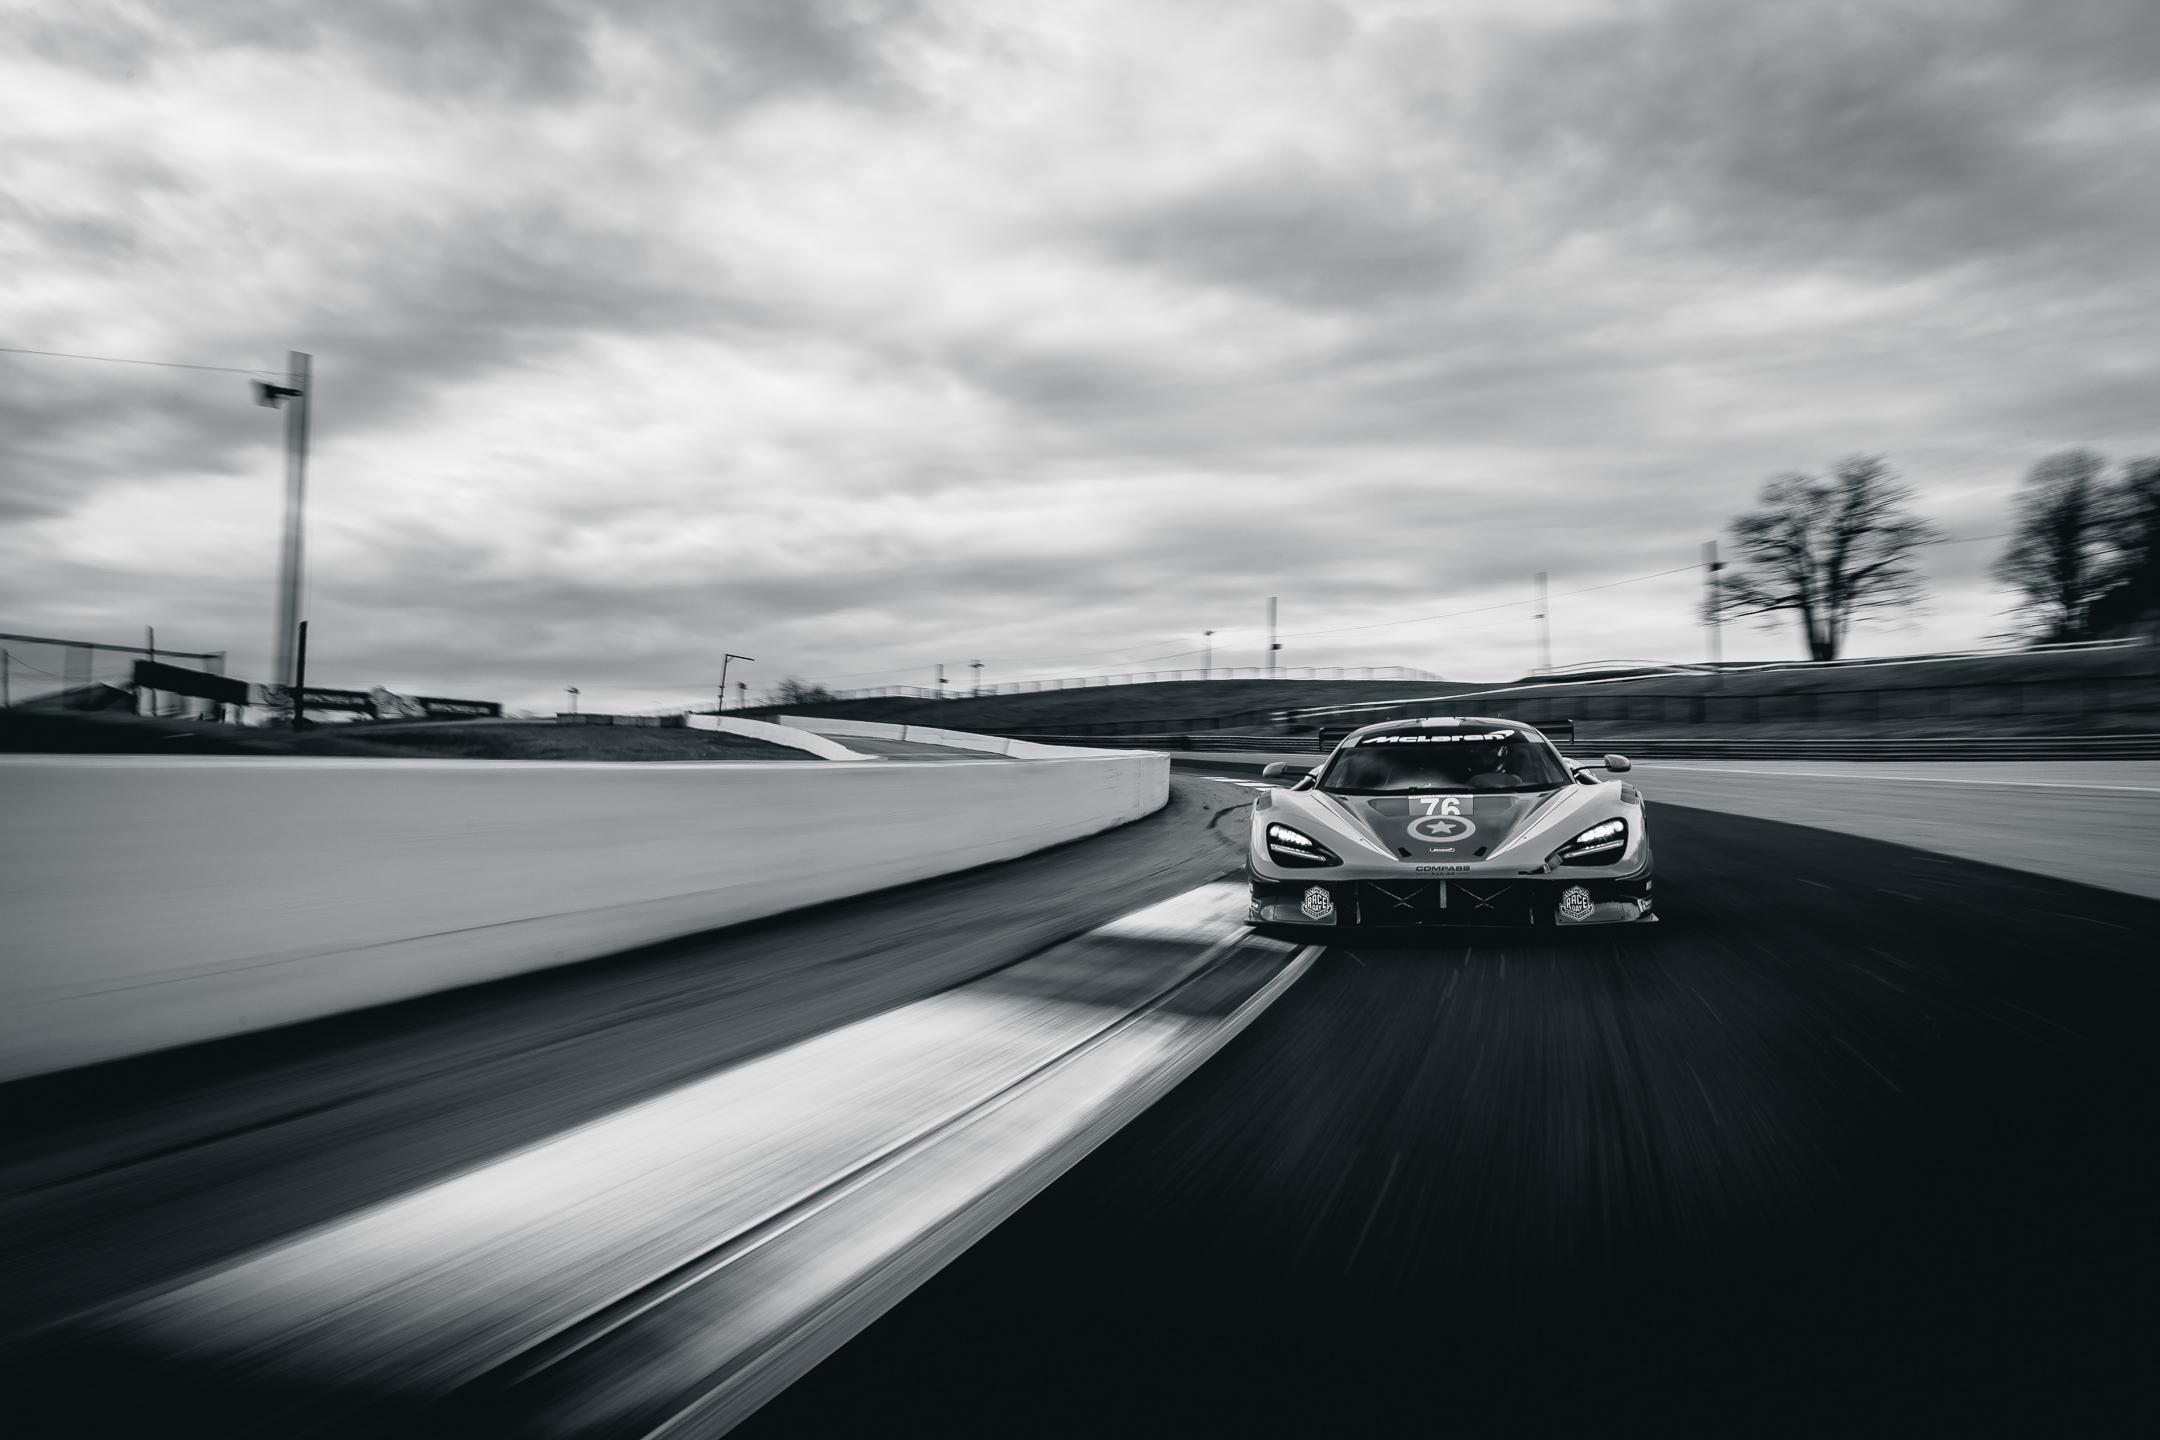 McLaren 720S GT3 - Compass Racing-8887-2.jpg